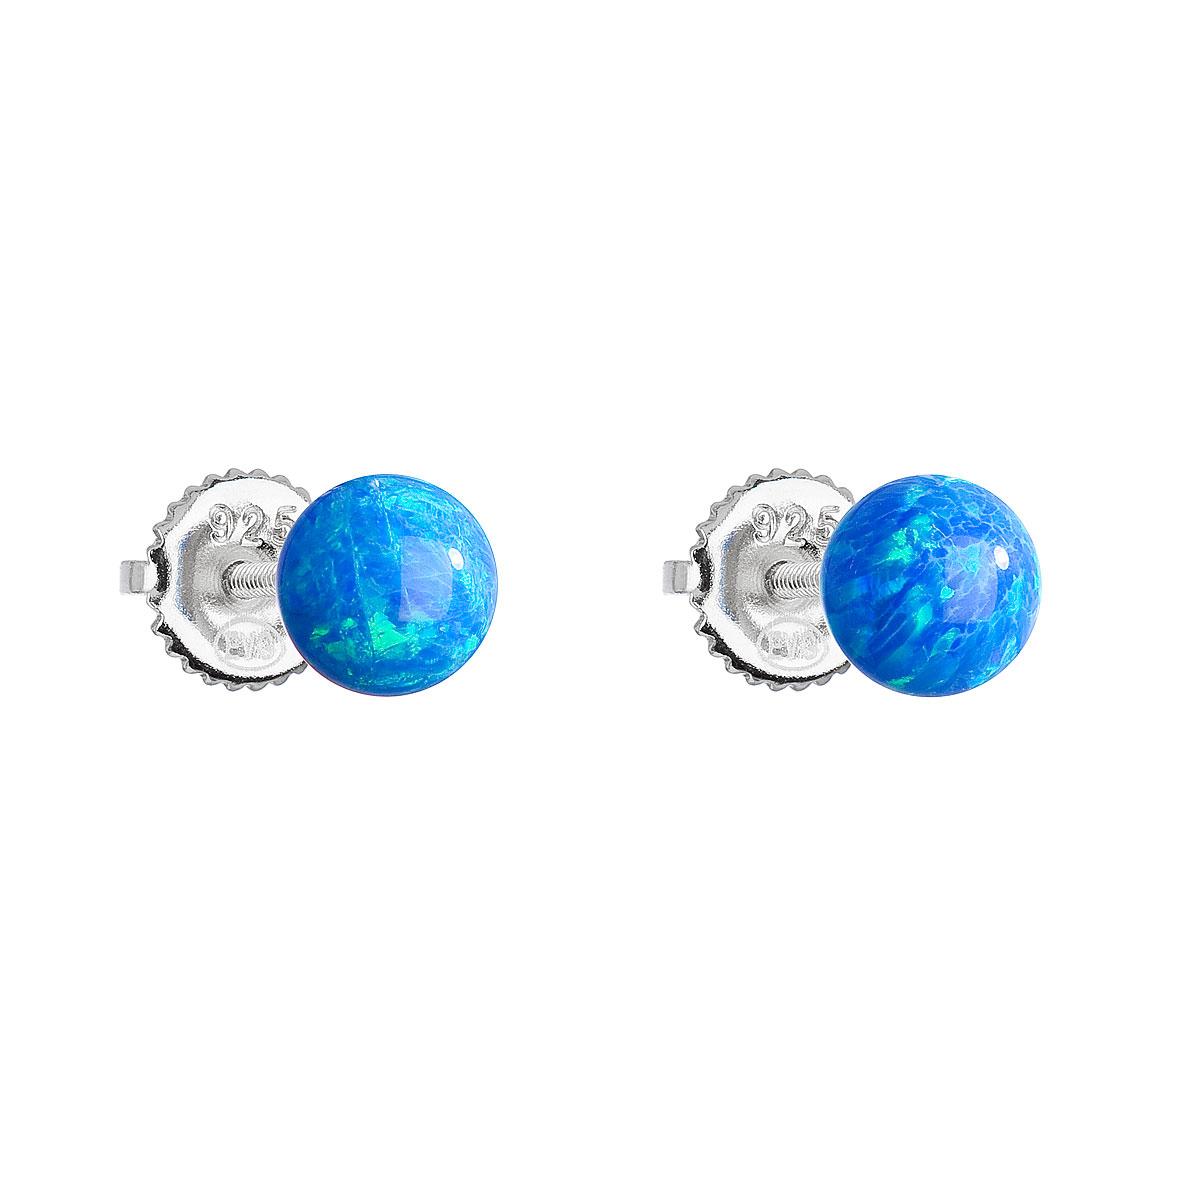 Strieborné náušnice kôstky so syntetickým opálom modré okrúhle 11246.3